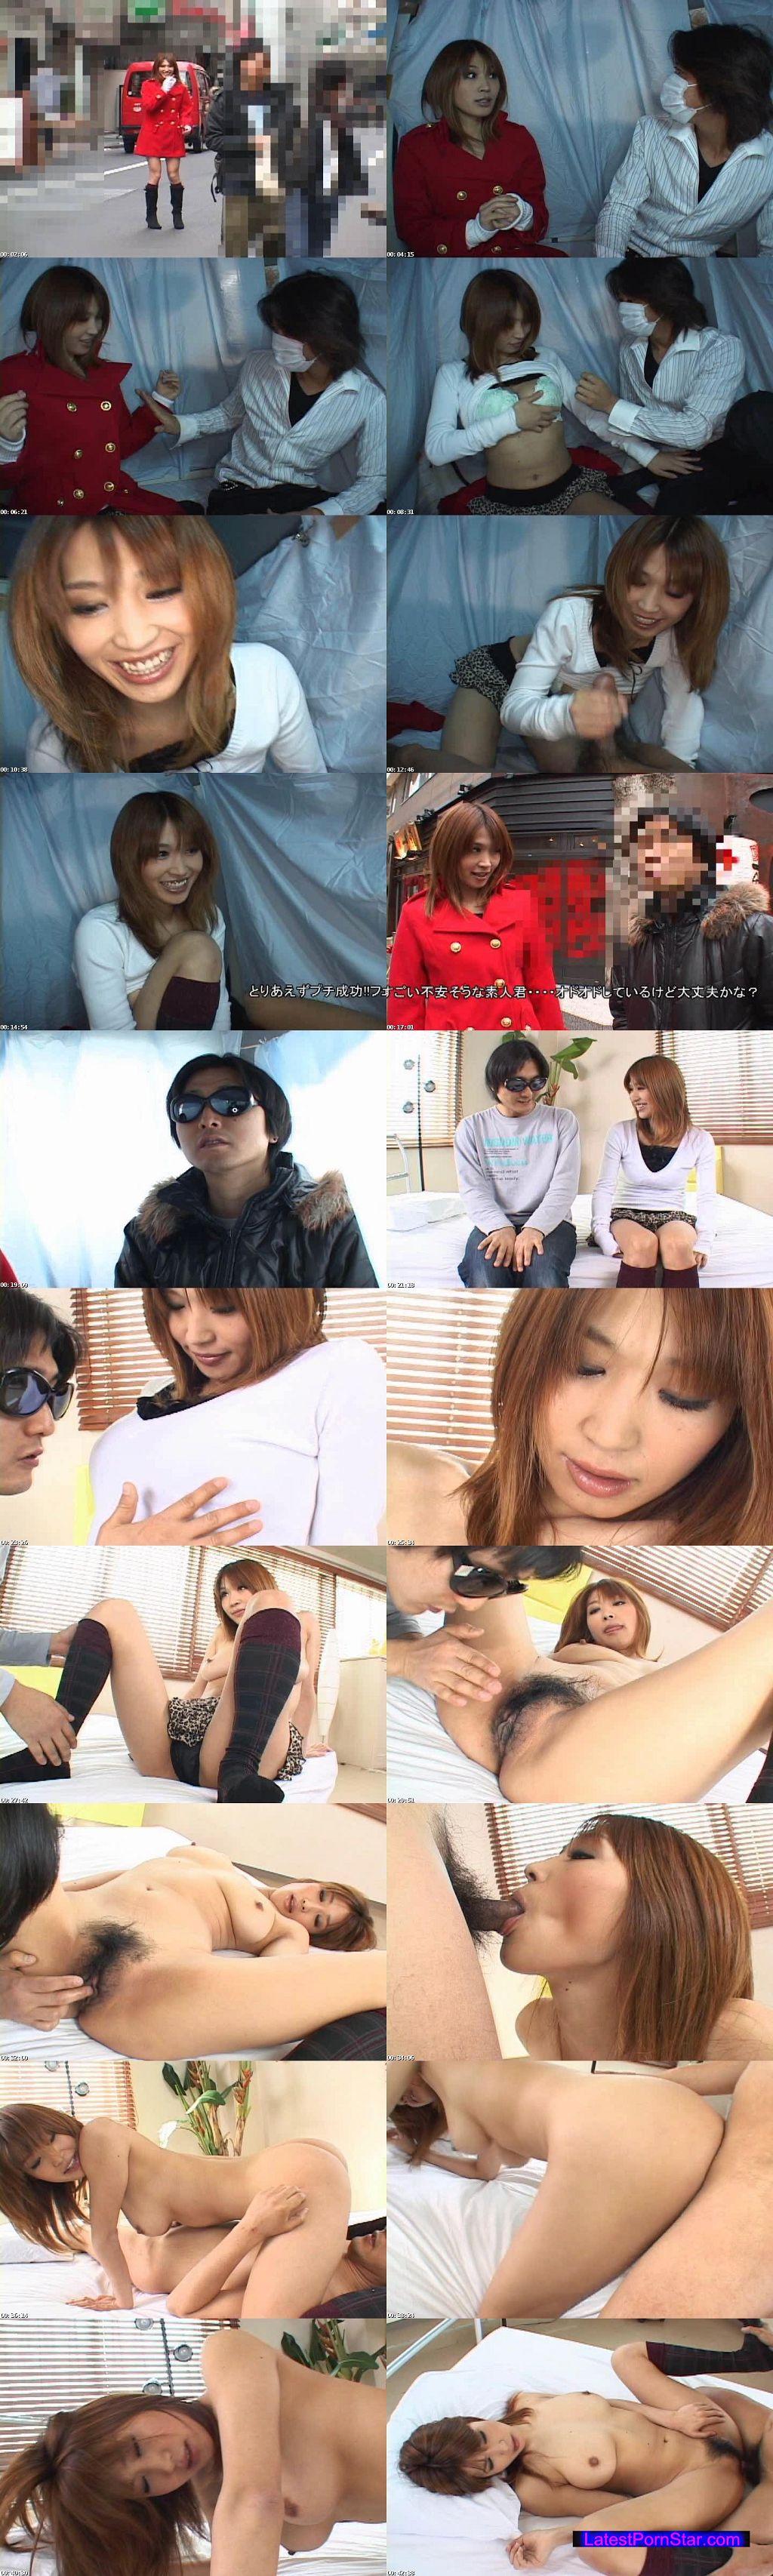 XXX-AV 21925 黒沢愛の素人男をペロ拉致!!!気になる勝敗は如何に!?Vol 2